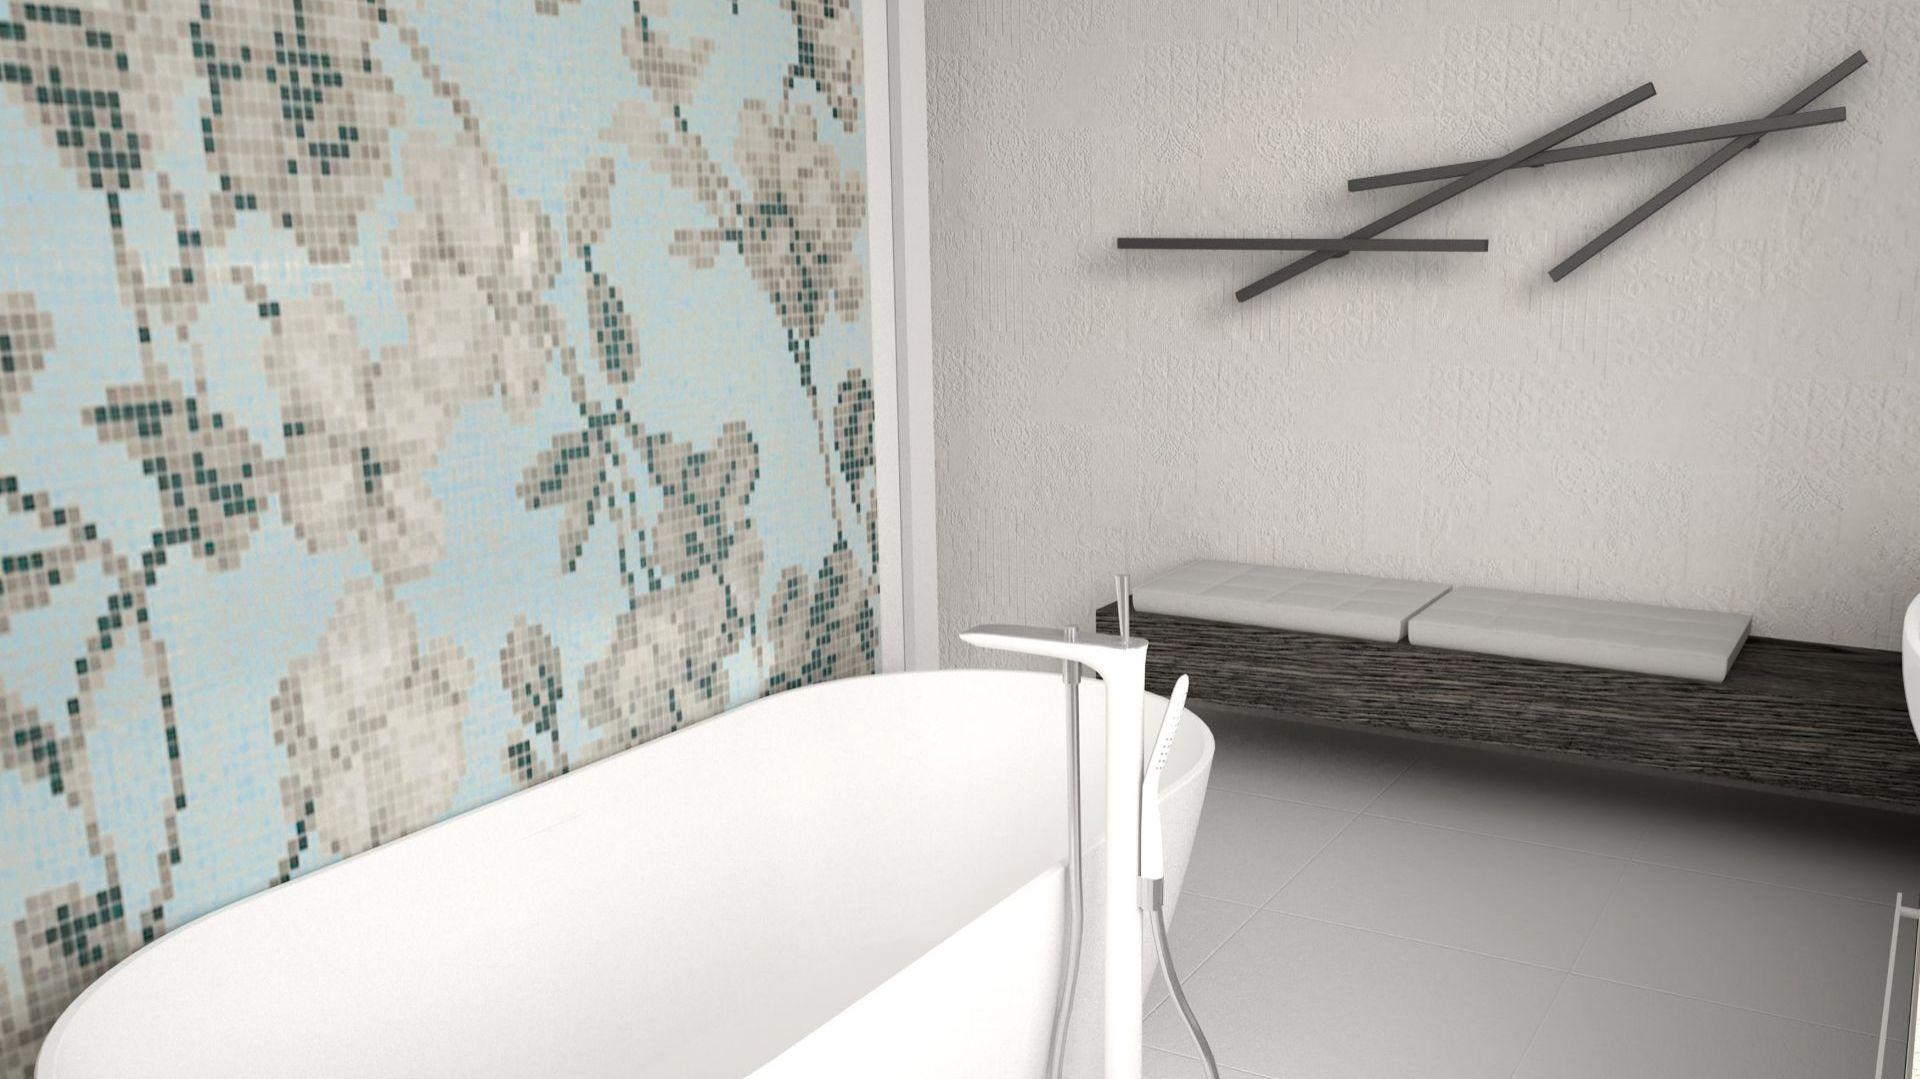 Suszarka elektryczna Sushi/Instal-Projekt (projekt: Katarzyna Rybarczyk i Adam Pulwicki). Wyróżnienie w kategorii Przestrzeń Łazienki